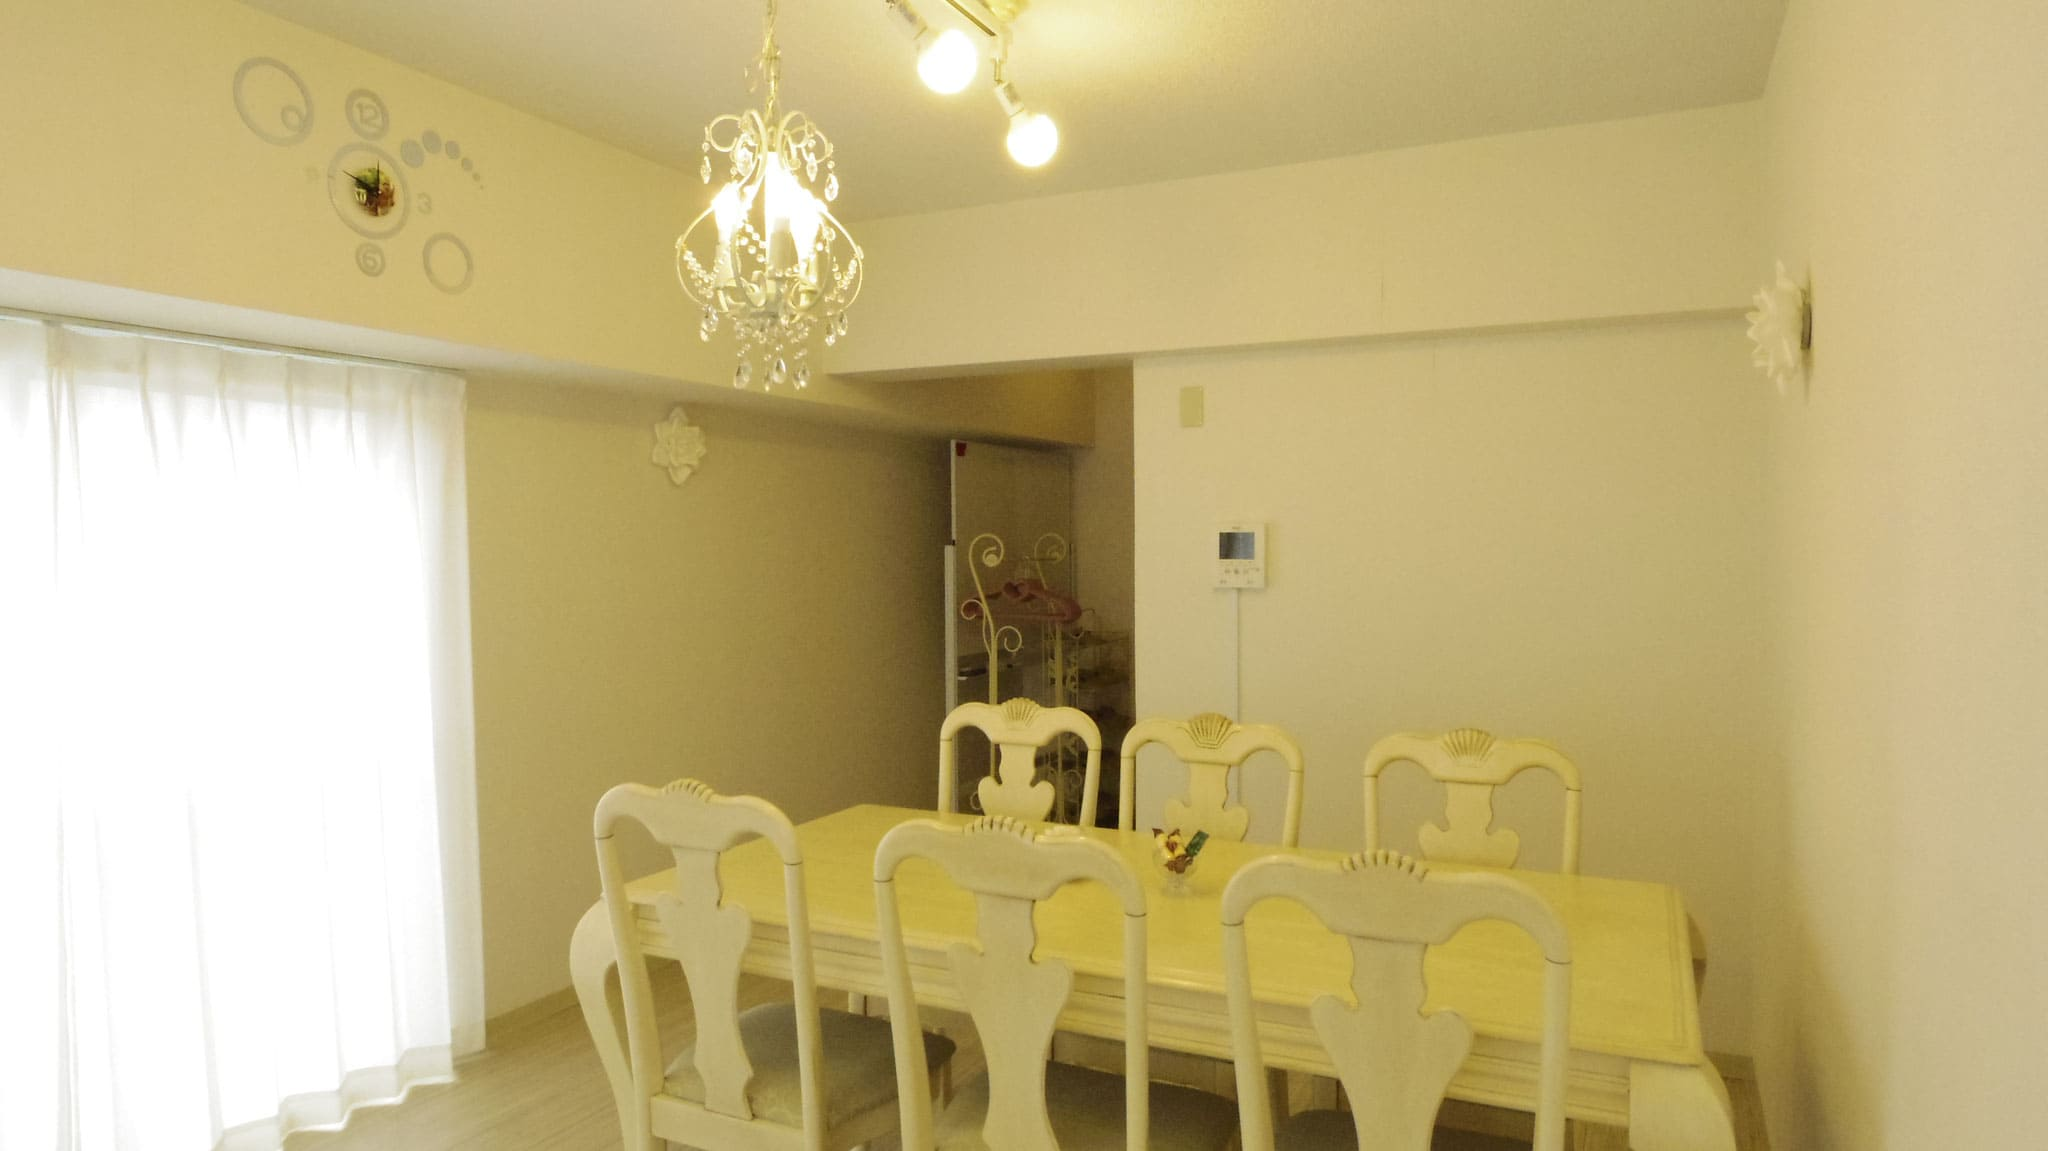 表参道 貸し会議室の広さは21.3㎡(6.45坪)